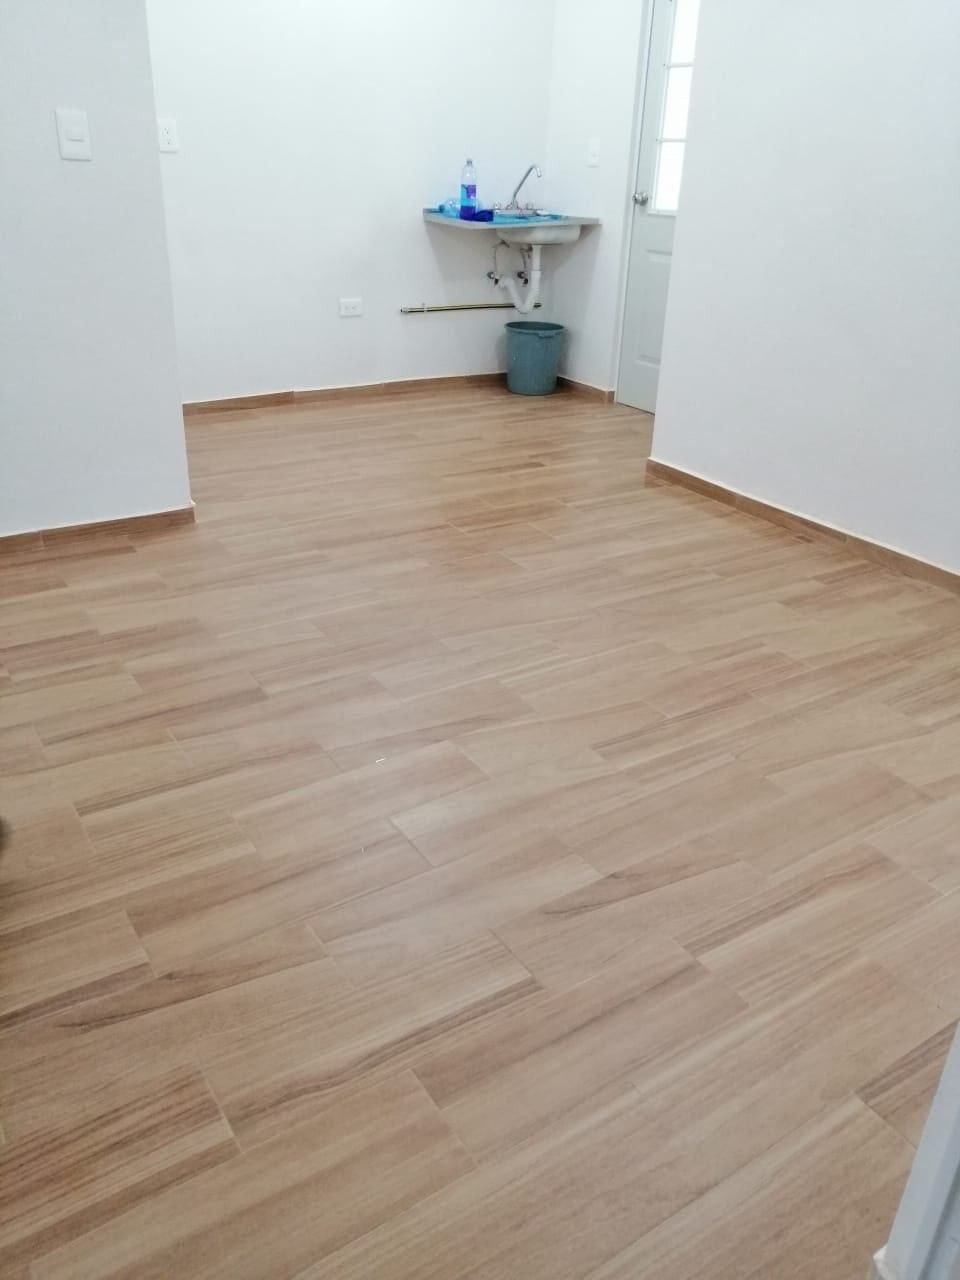 Interior Piso tipo madera, Piso interiores, Pisos